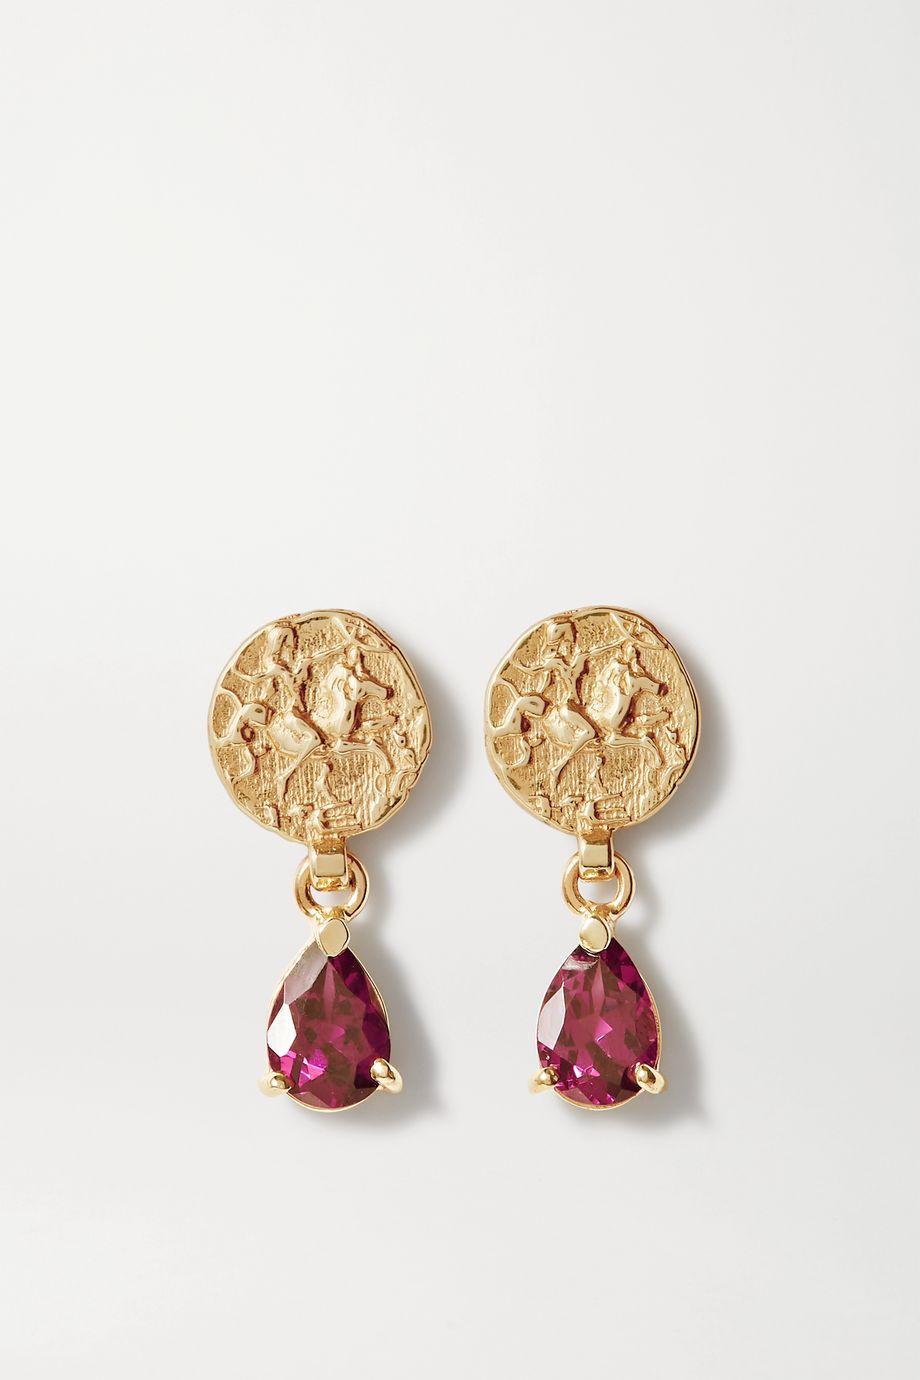 Natasha Schweitzer Coin Ohrringe aus 9 Karat Gold mit Granaten